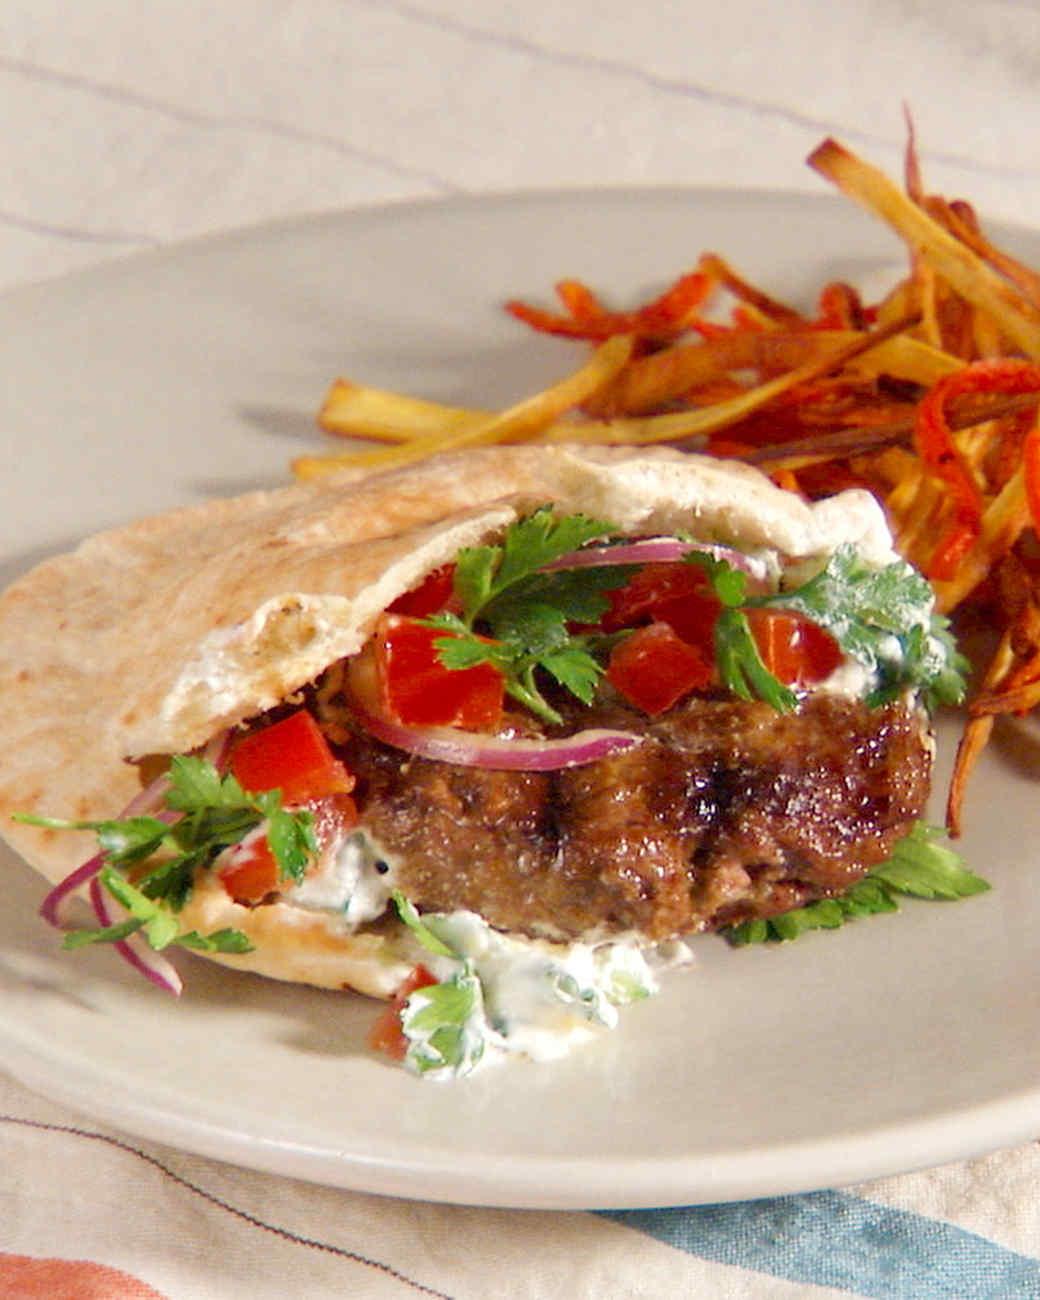 mh_1129_lamb_burger.jpg